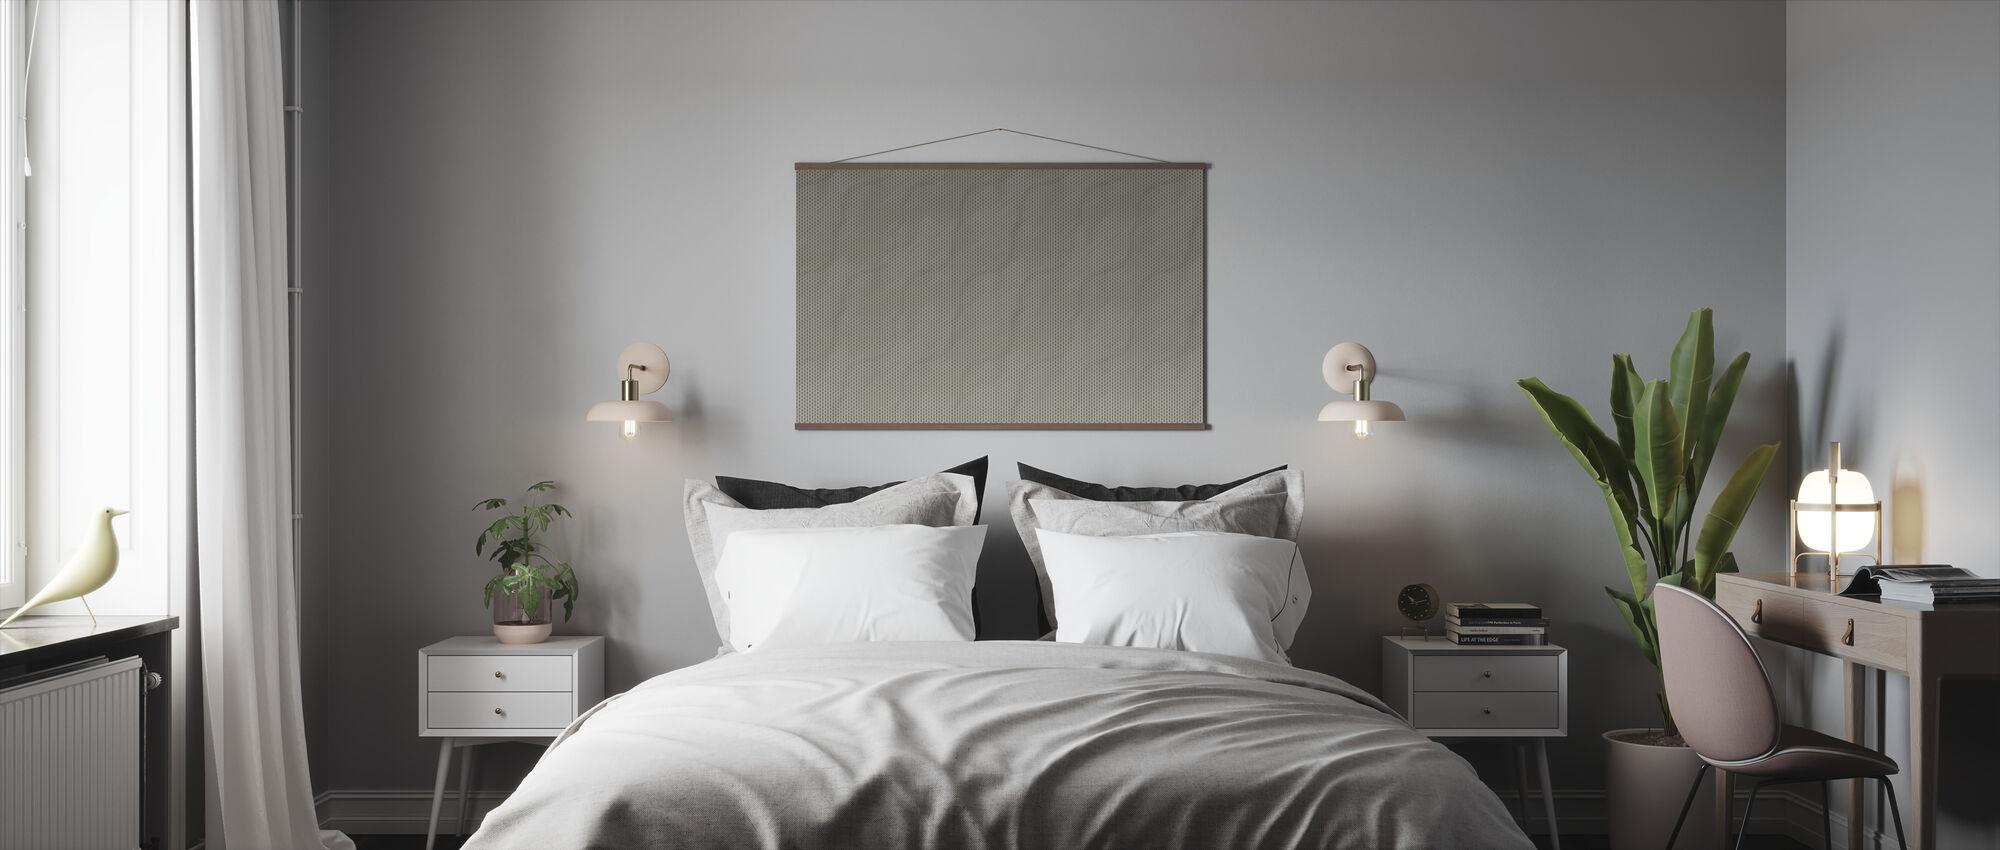 Enoone - Poster - Bedroom